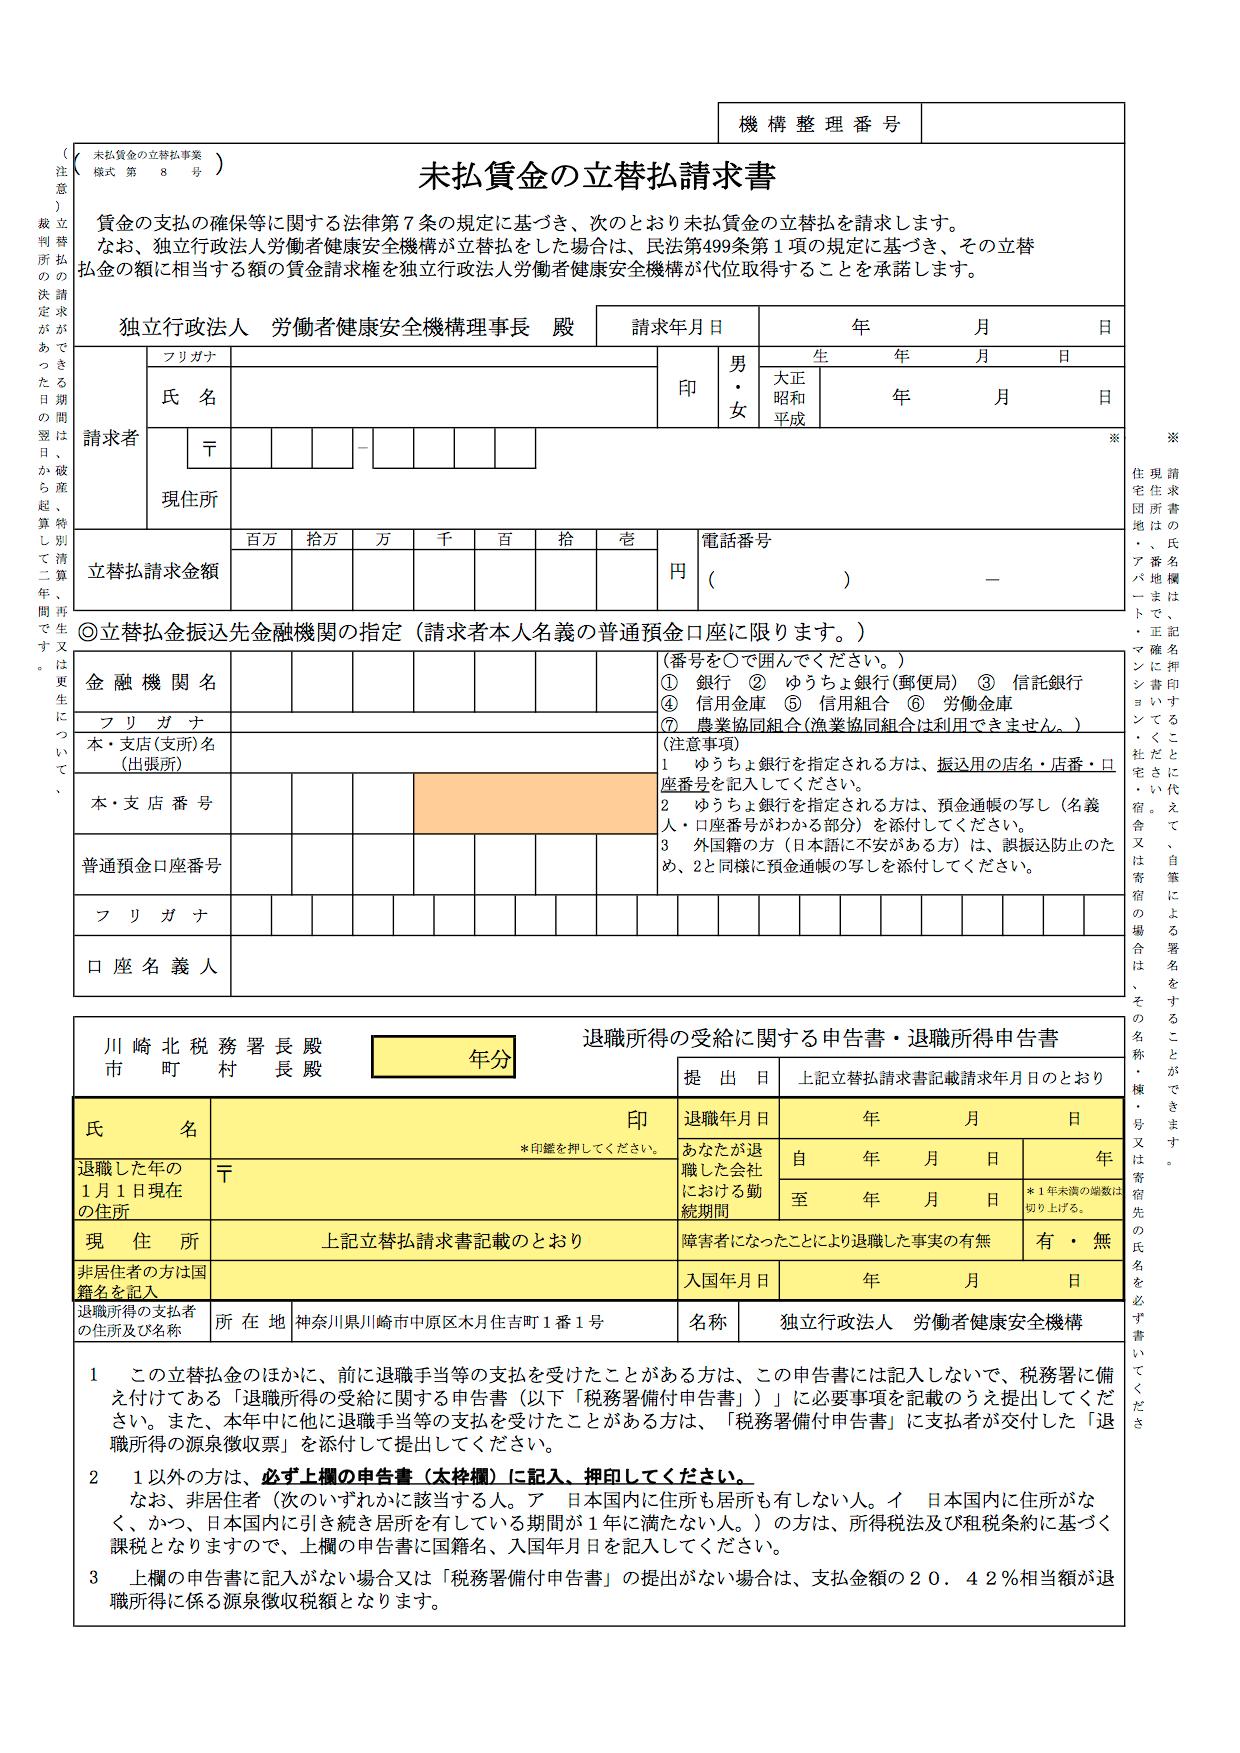 未払い賃金立替制度の請求書